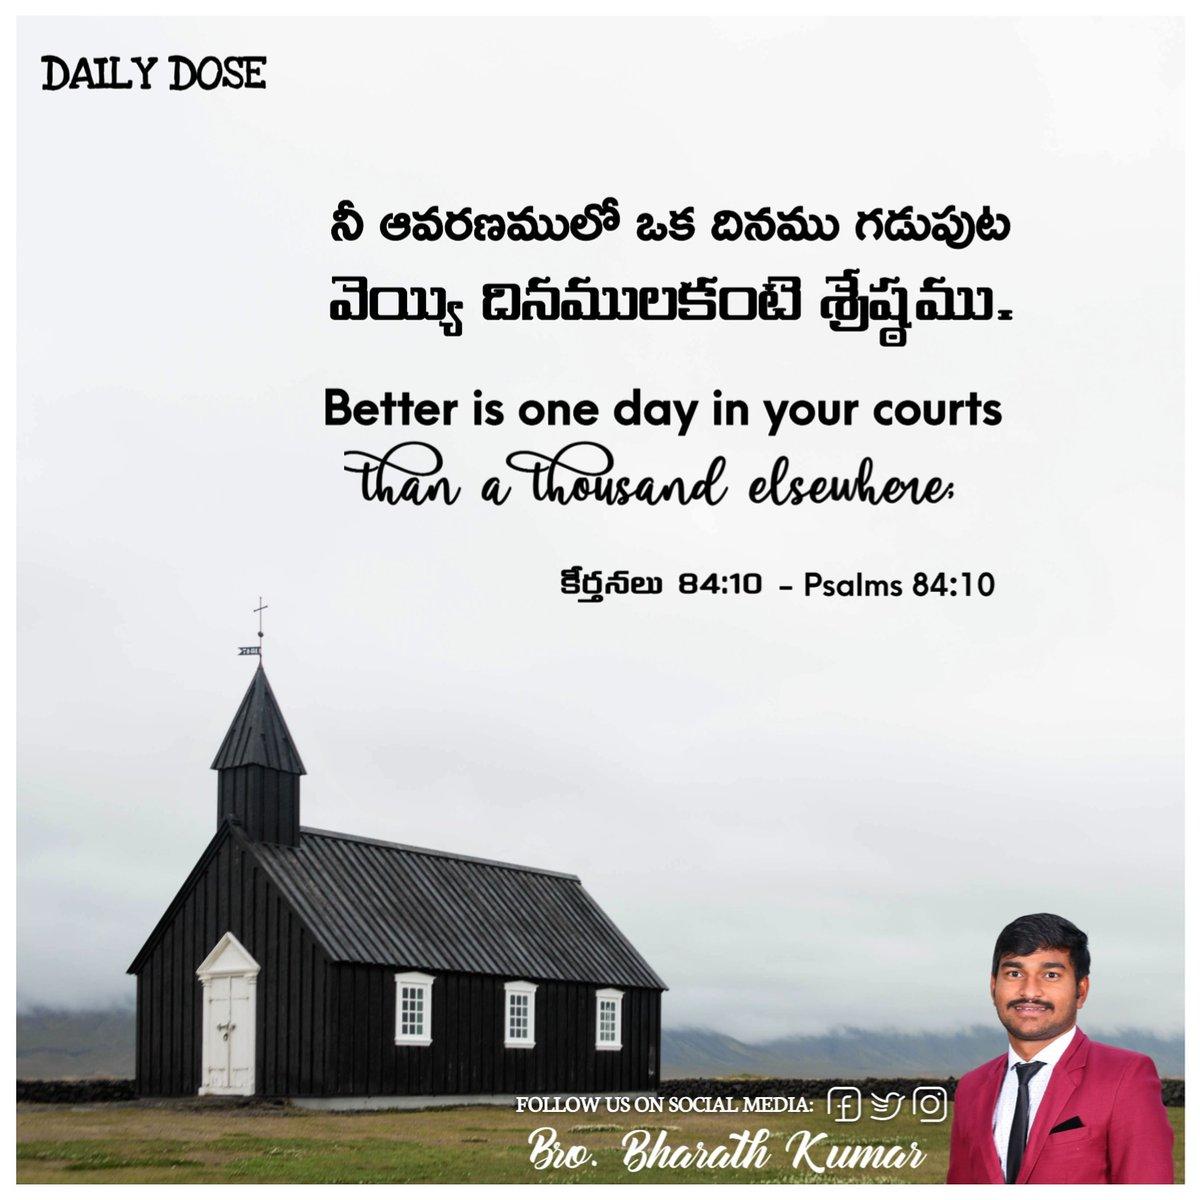 ఈరోజు వాగ్దానం  Today's Promise   Follow us on Facebook : https://www.facebook.com/brobharathkumar/…  Follow us on instagram : https://www.instagram.com/brobharathkumar/…  #dailydose pic.twitter.com/8V48KNVFi4